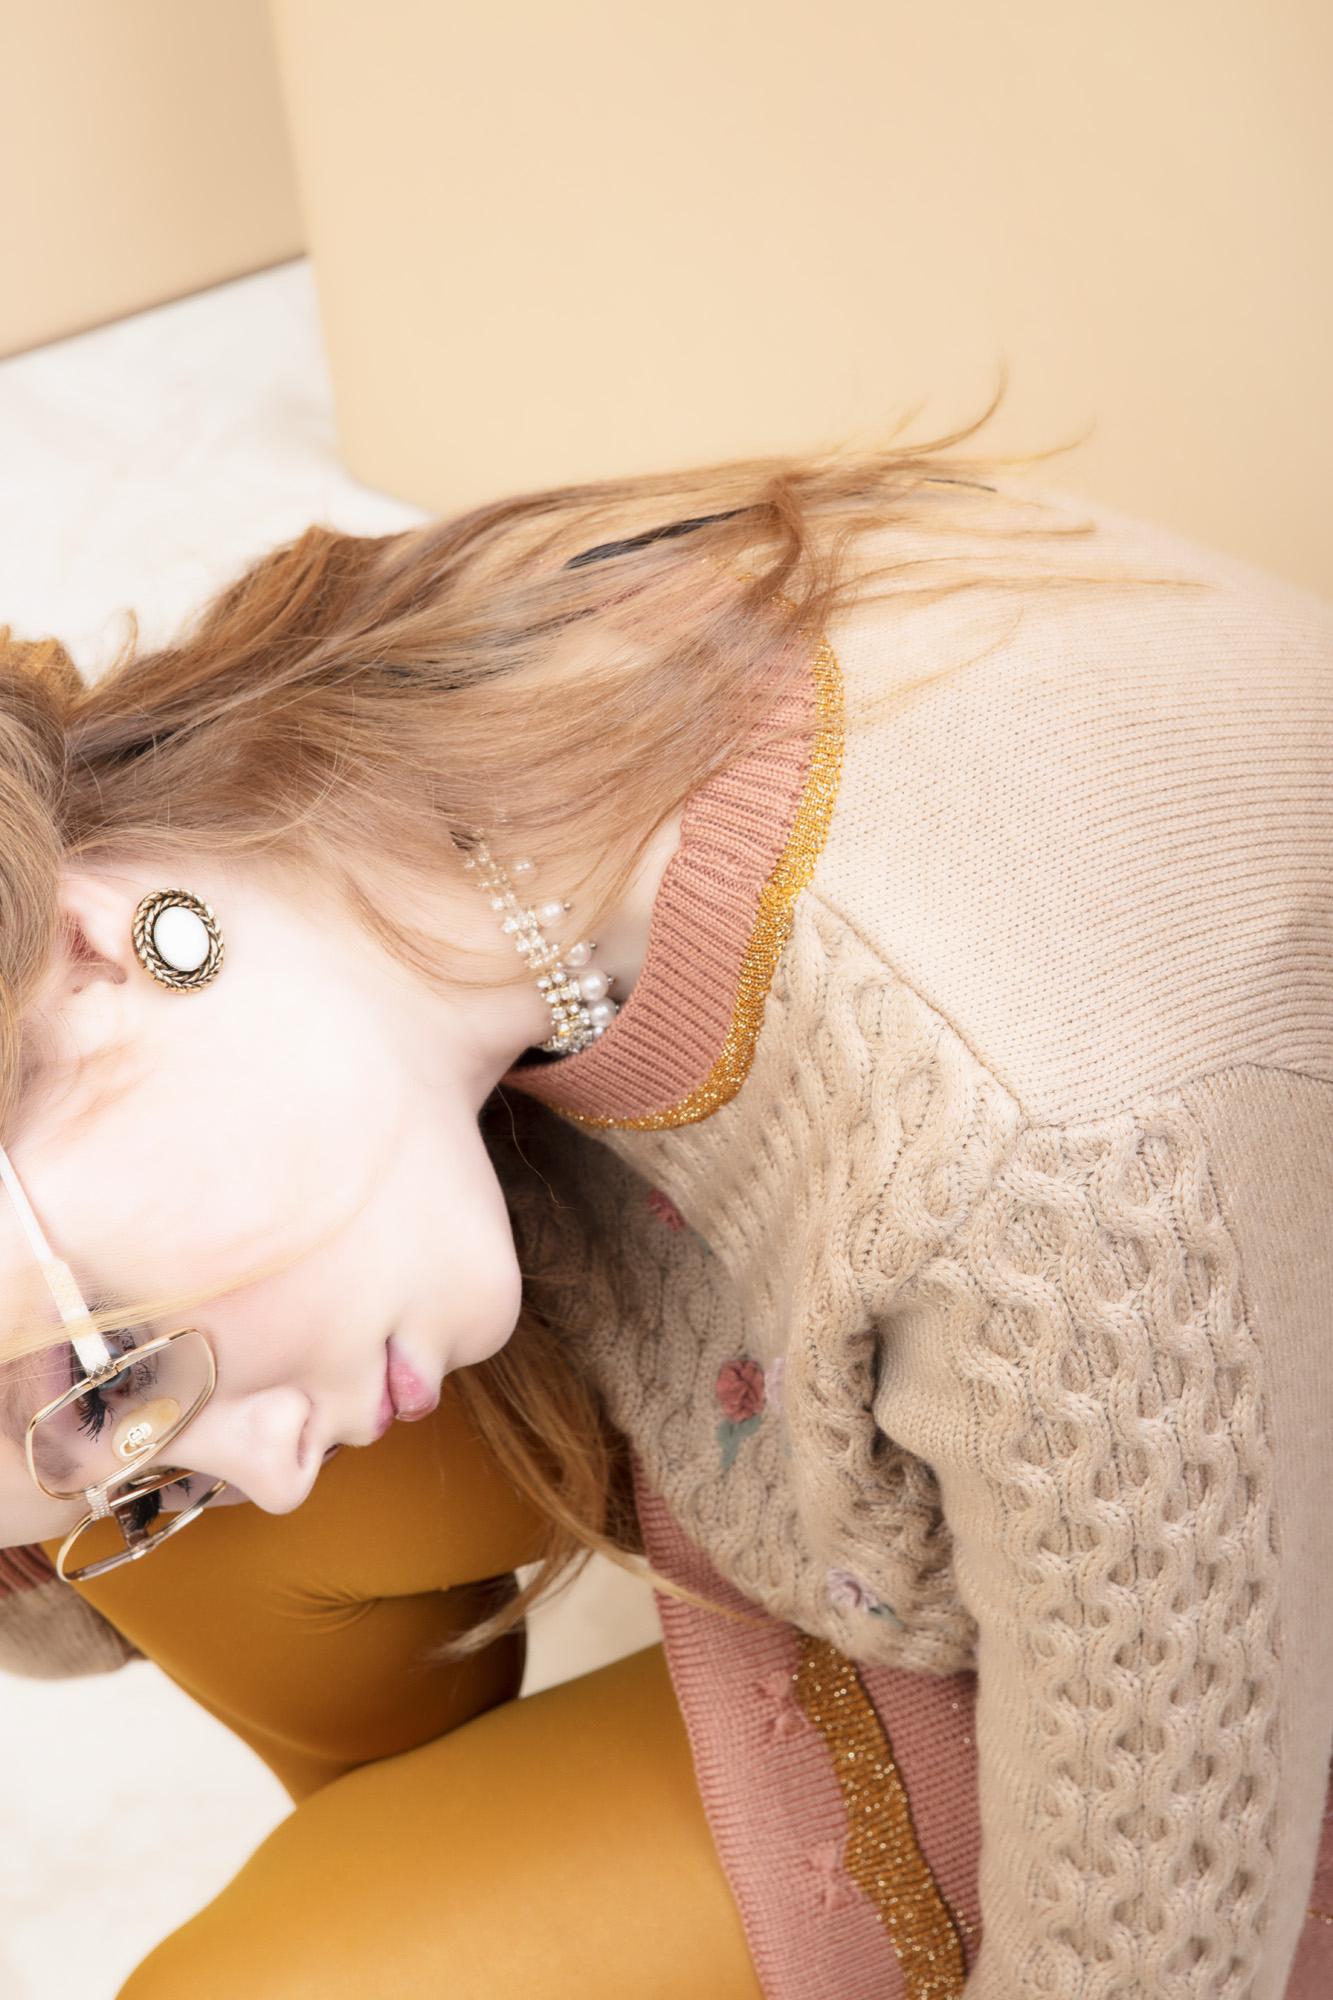 STMA-maglione-donna-1